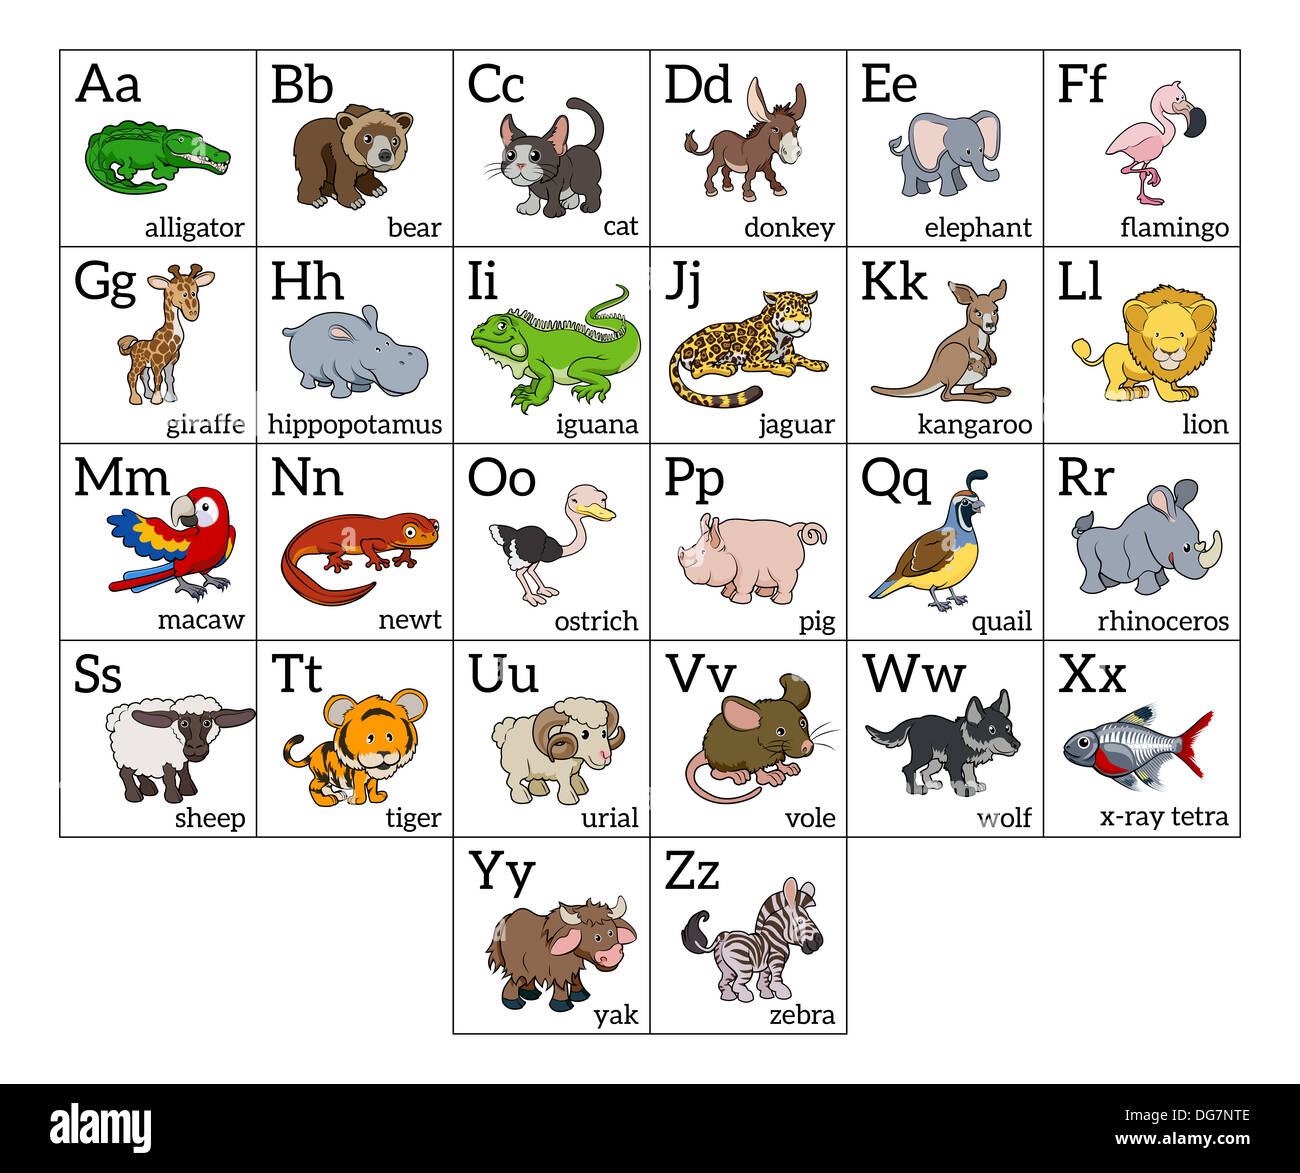 Cartoon Animal Alphabet Learning Chart With Cartoon Animal For Each Stock Photo